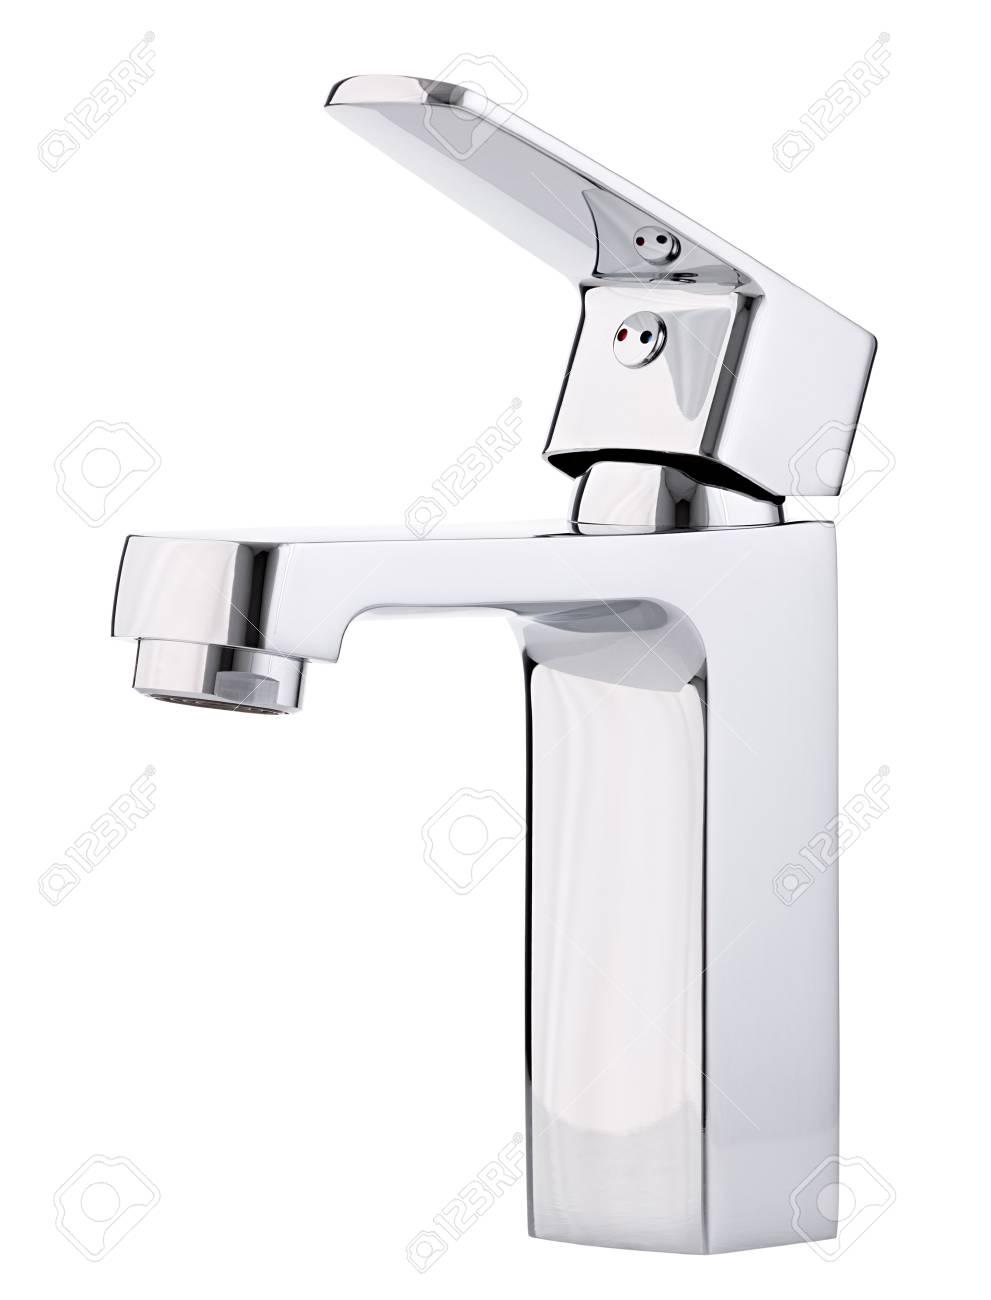 Kaltes Heißes Wasser Des Mischers. Modernes Badezimmer Mit ...